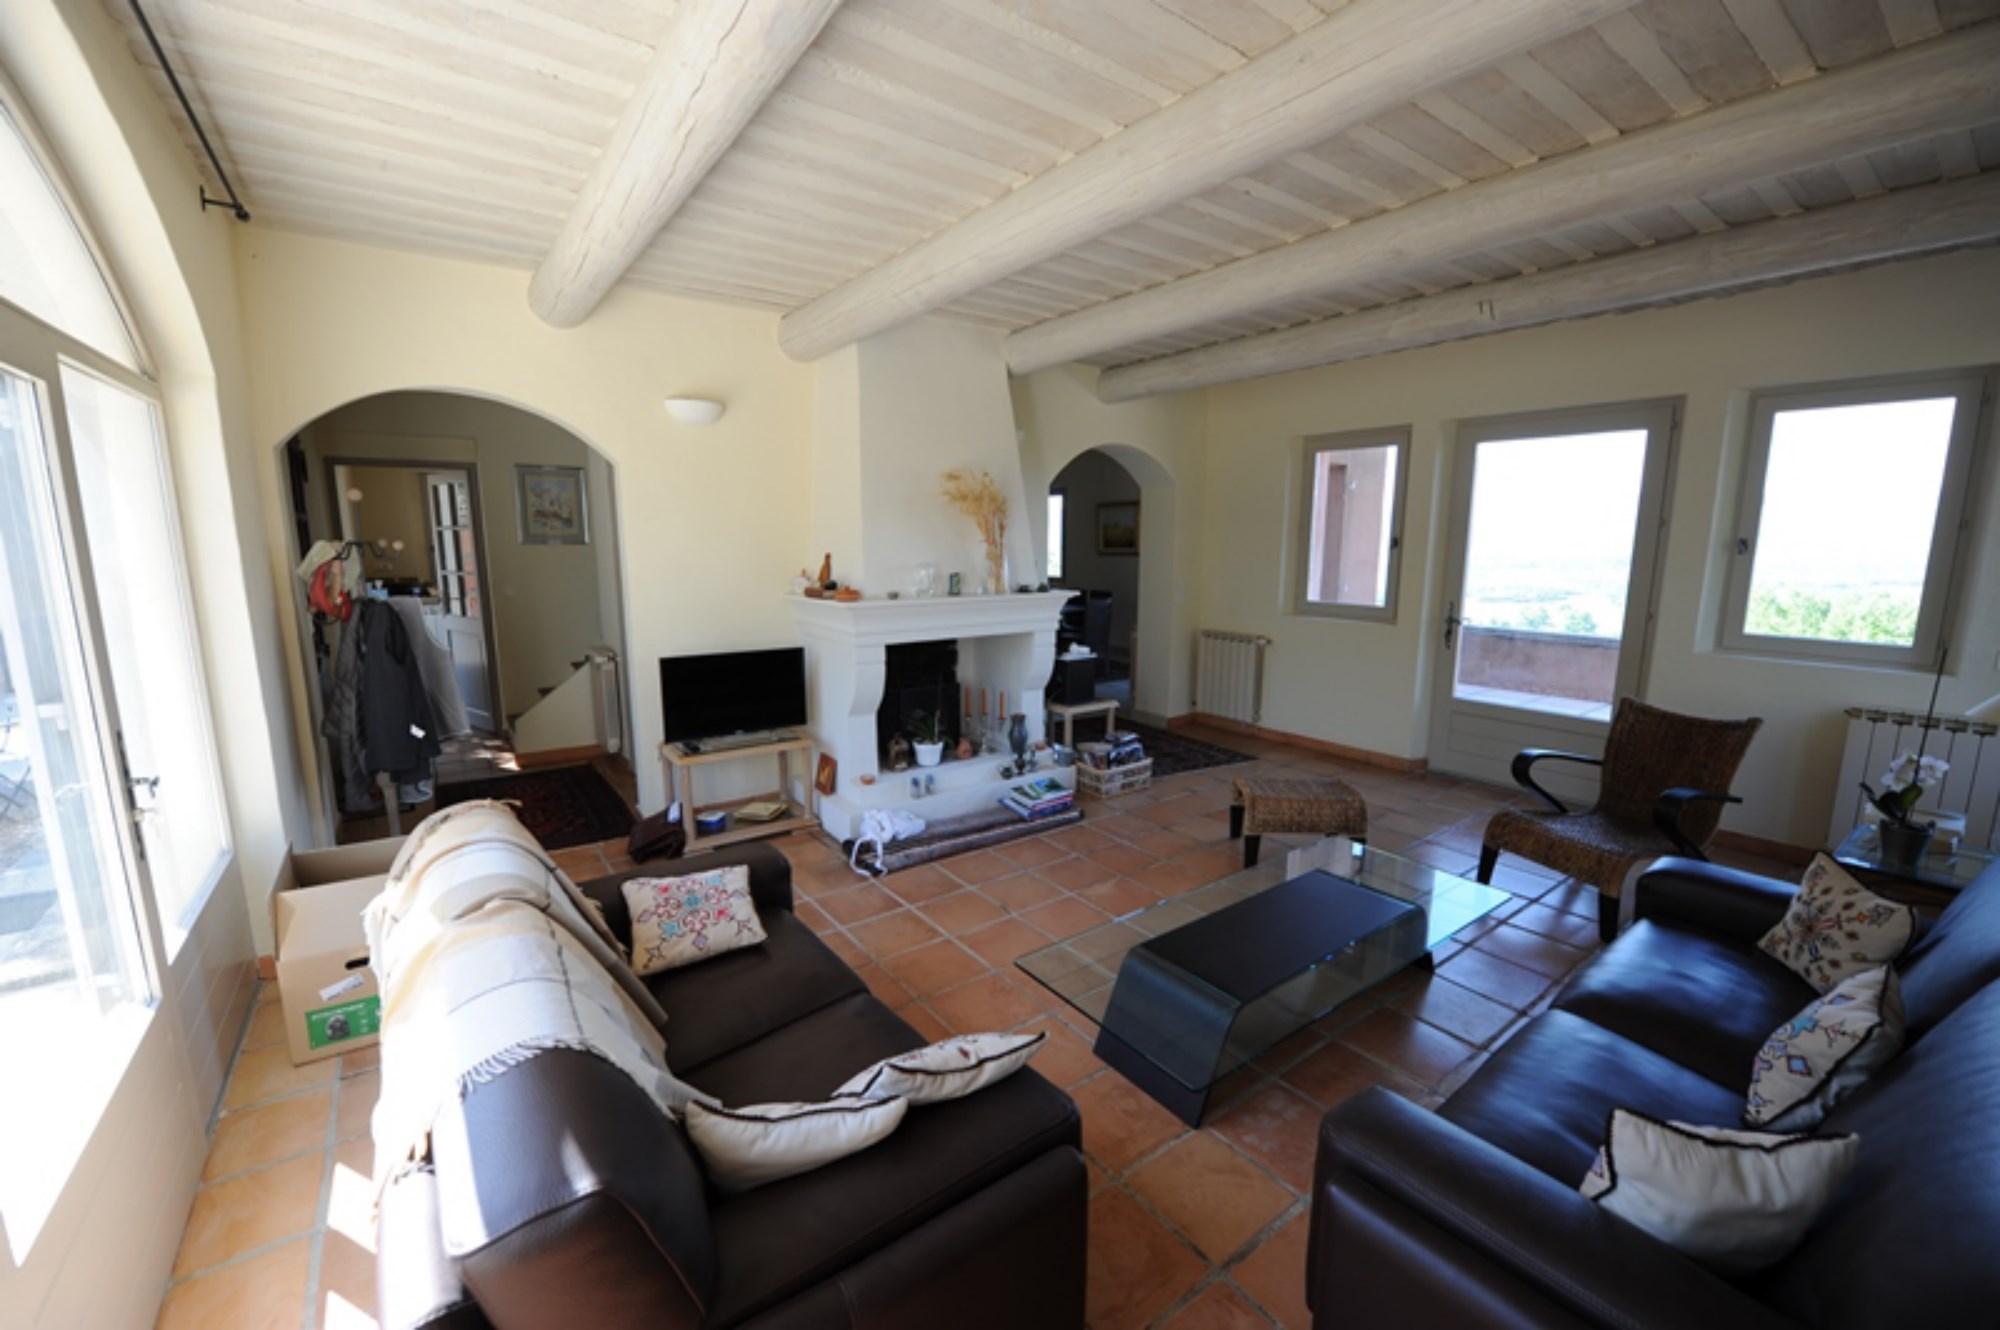 A vendre,  en Luberon, maison avec appartement,  maison d'amis, piscine et vue